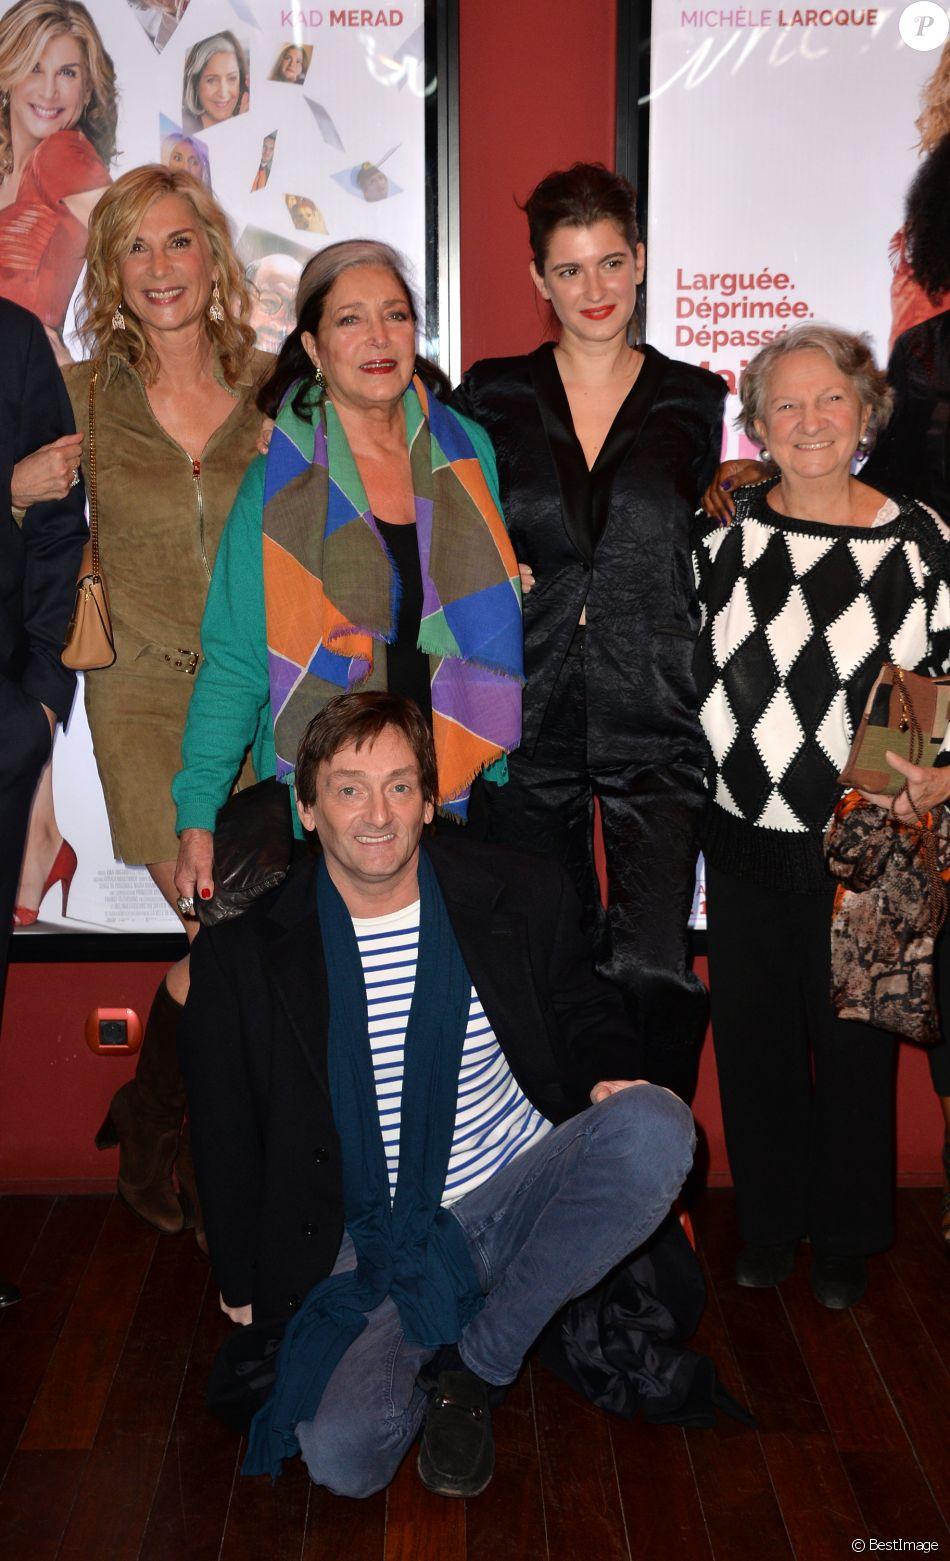 Michèle Laroque, Françoise Fabian, Oriane Deschamps (fille de M.Laroque),